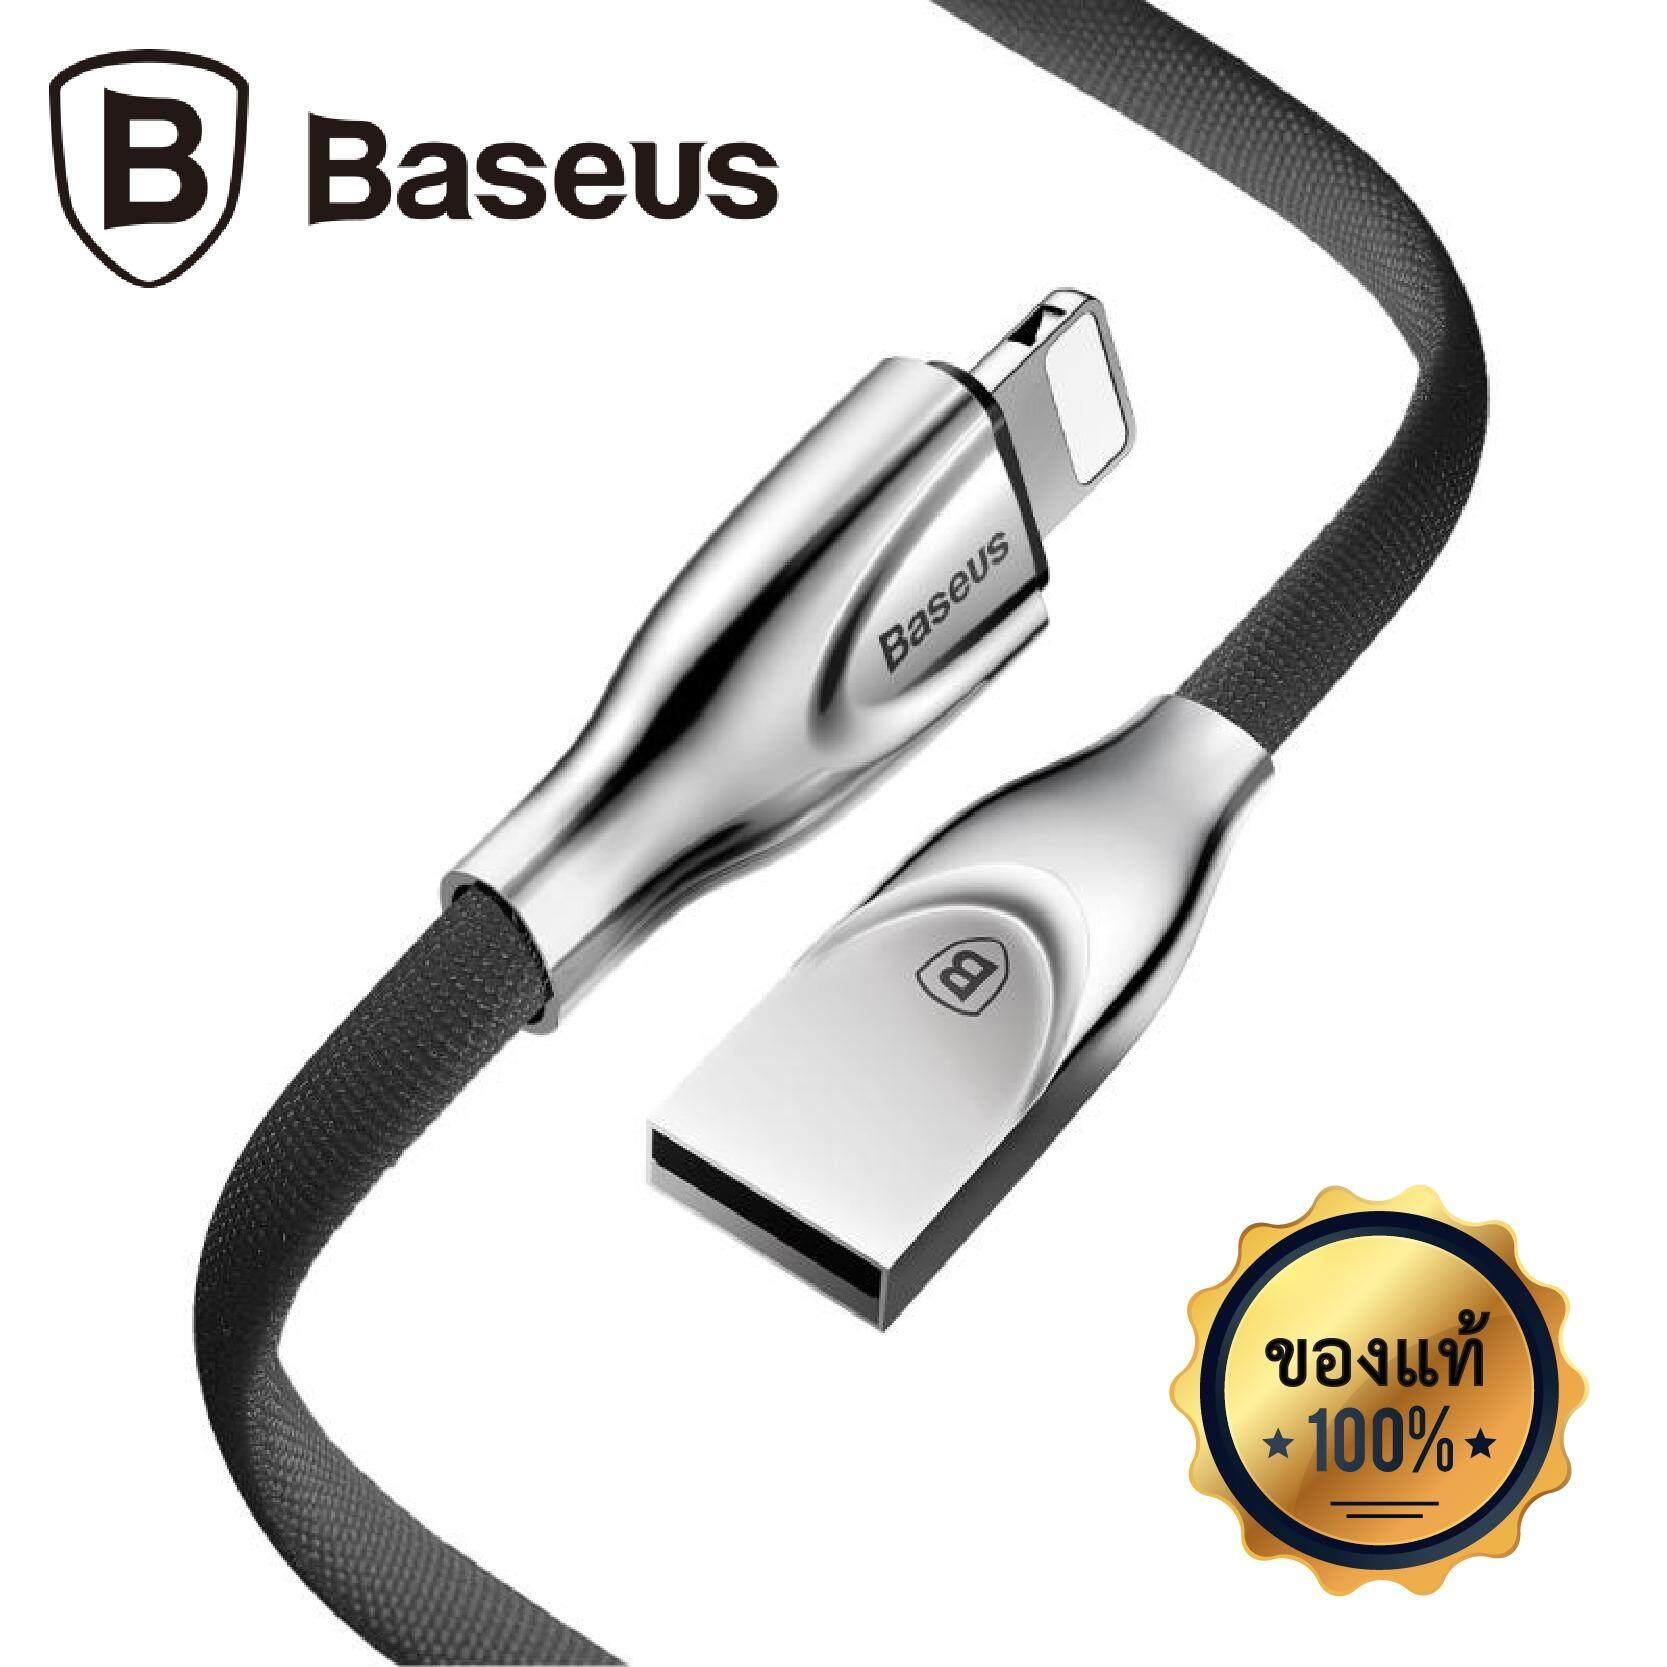 สายชาร์จ Baseus สำหรับ Iphone รุ่น Zinc Alloy Usb Cable ของแท้ 100 ใหม่ล่าสุด